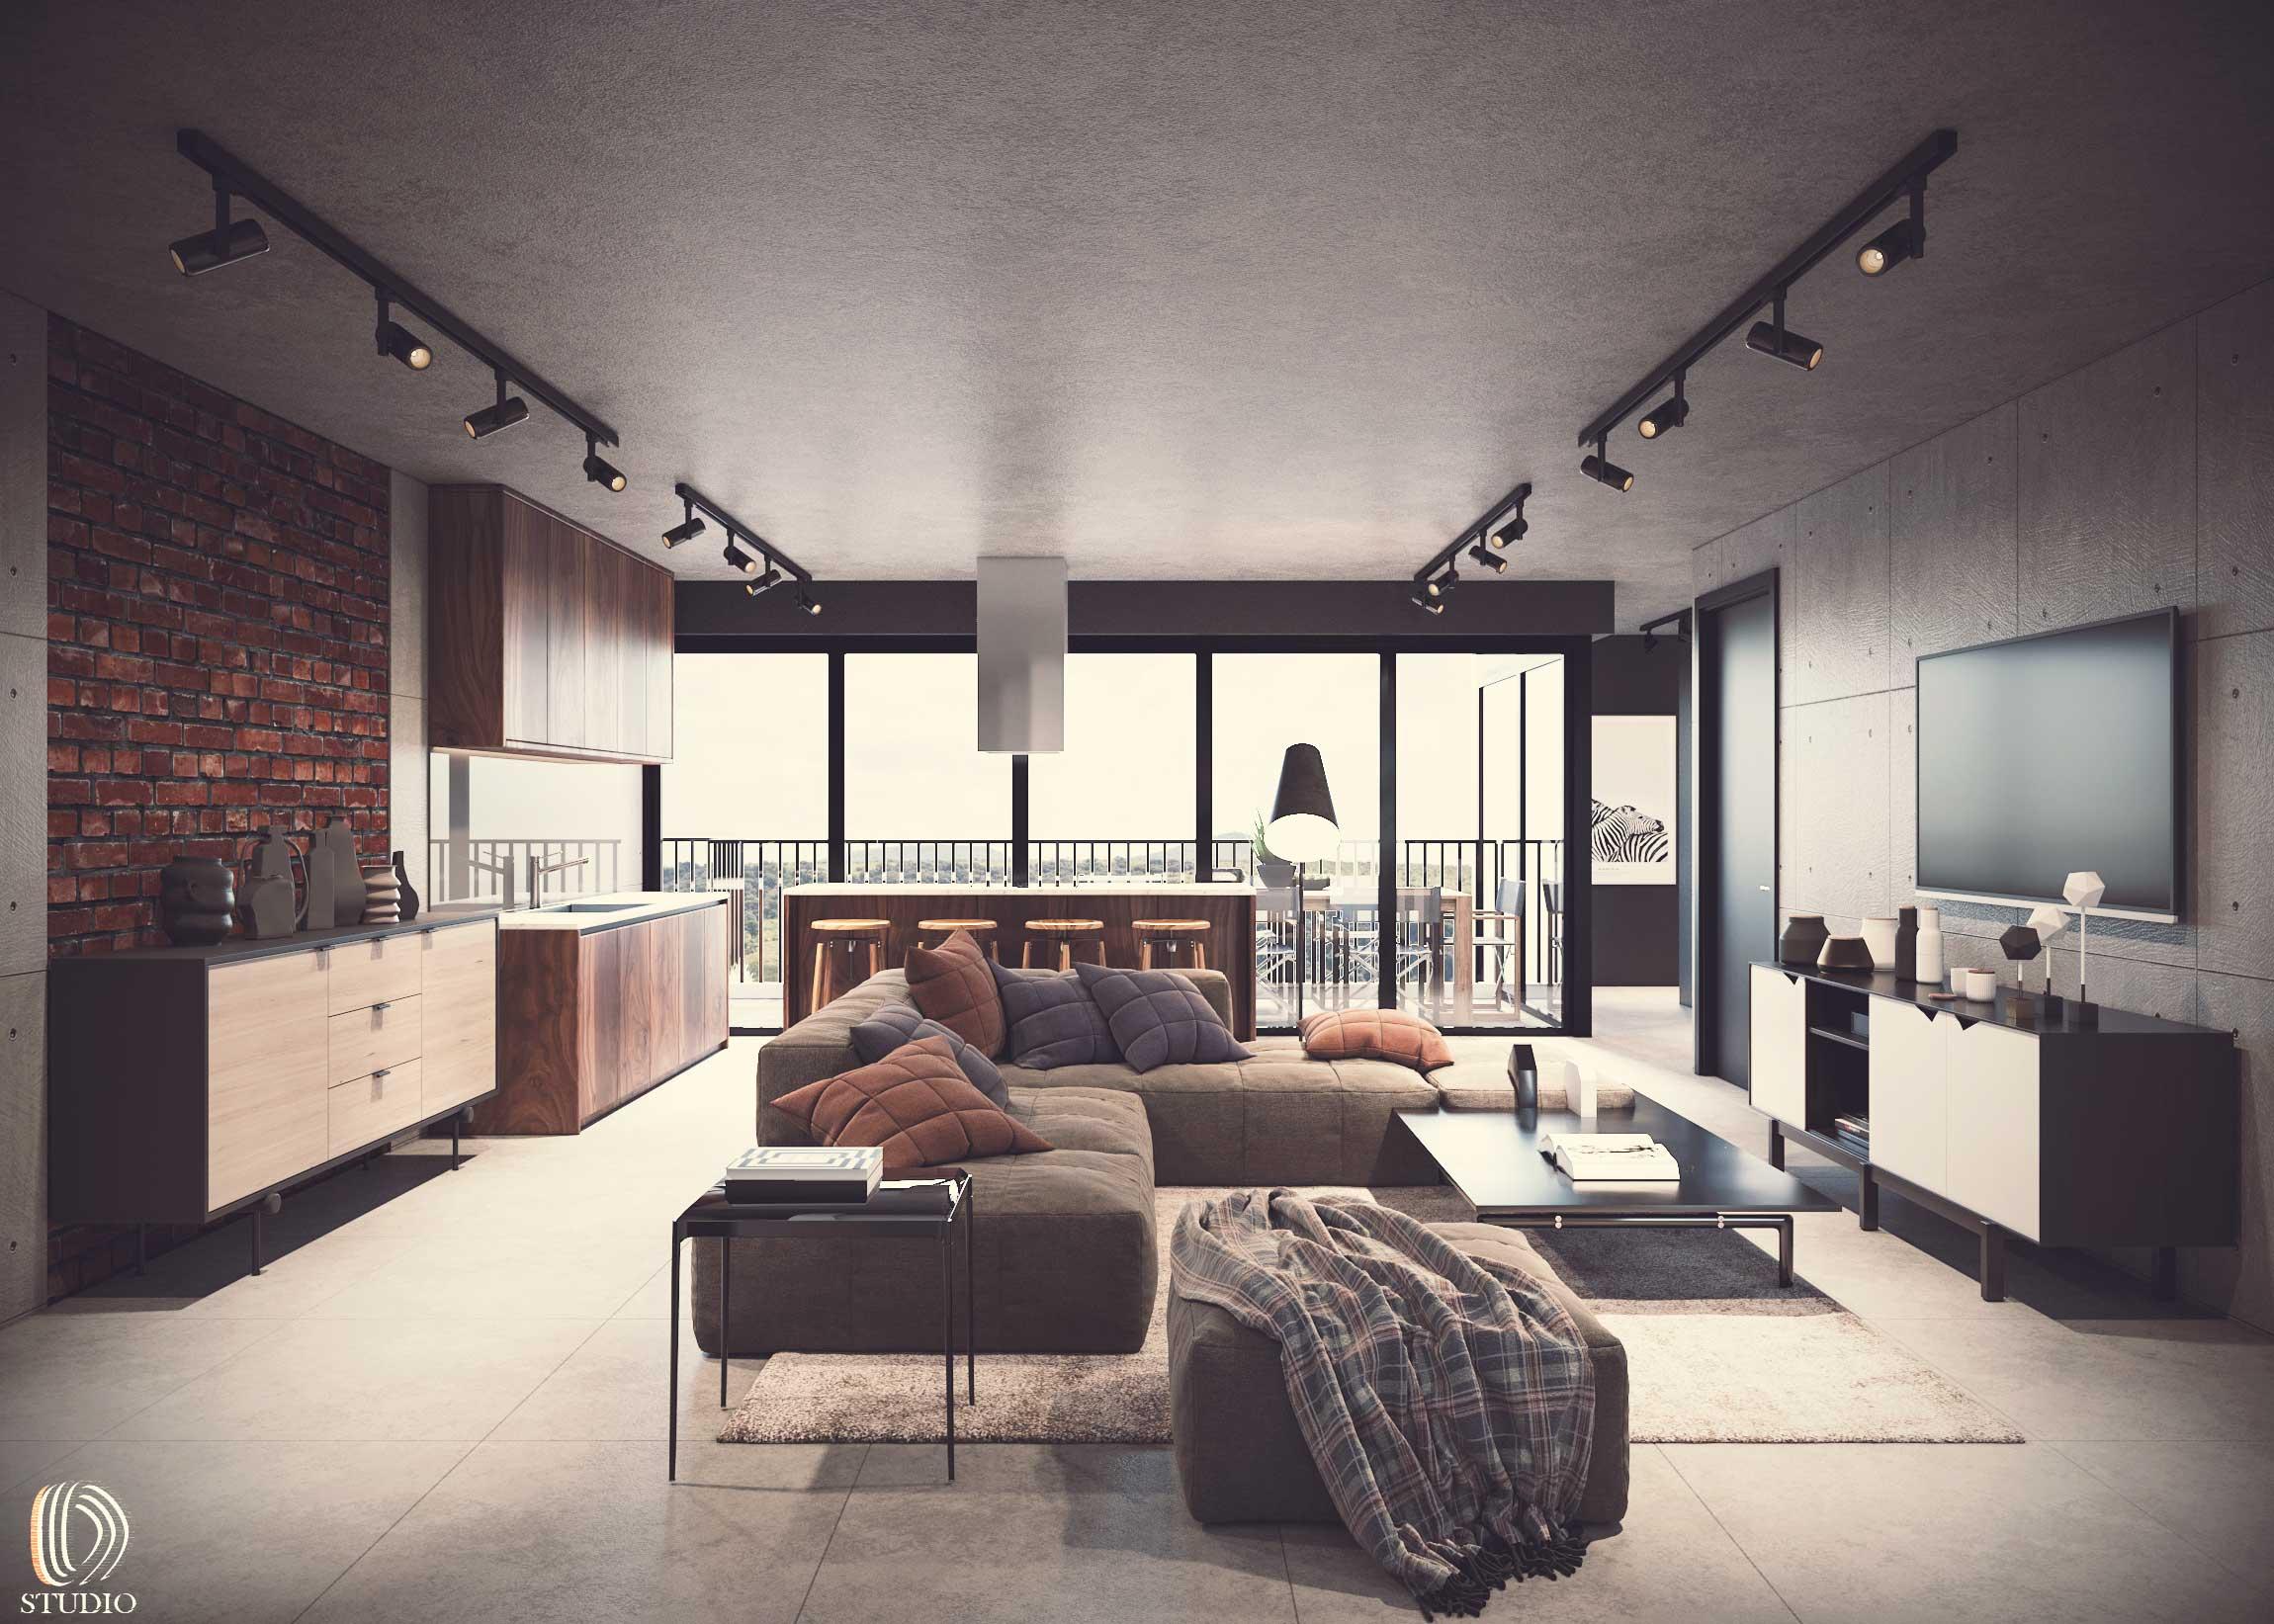 795-02-Third-floor-(living-room)